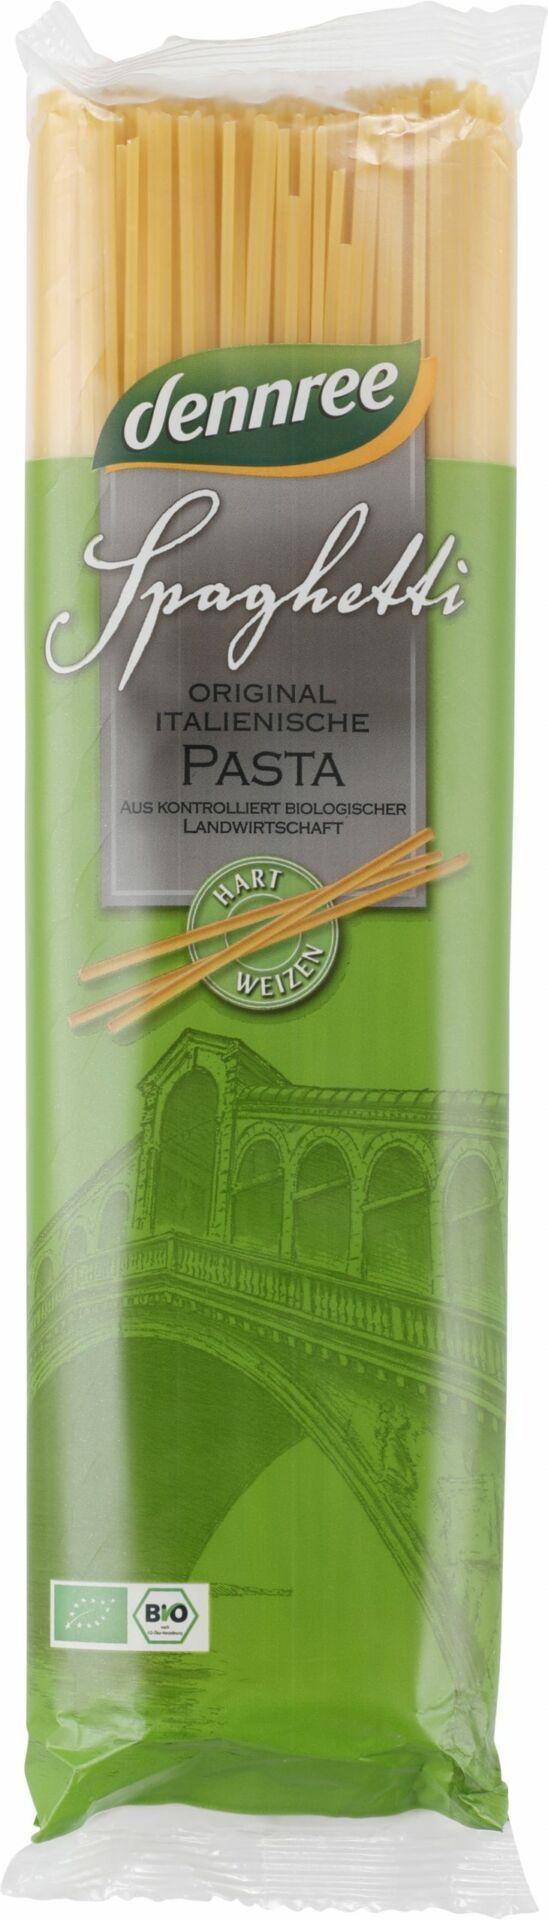 dennree Original italienische Hartweizen-Spaghetti 12x500g